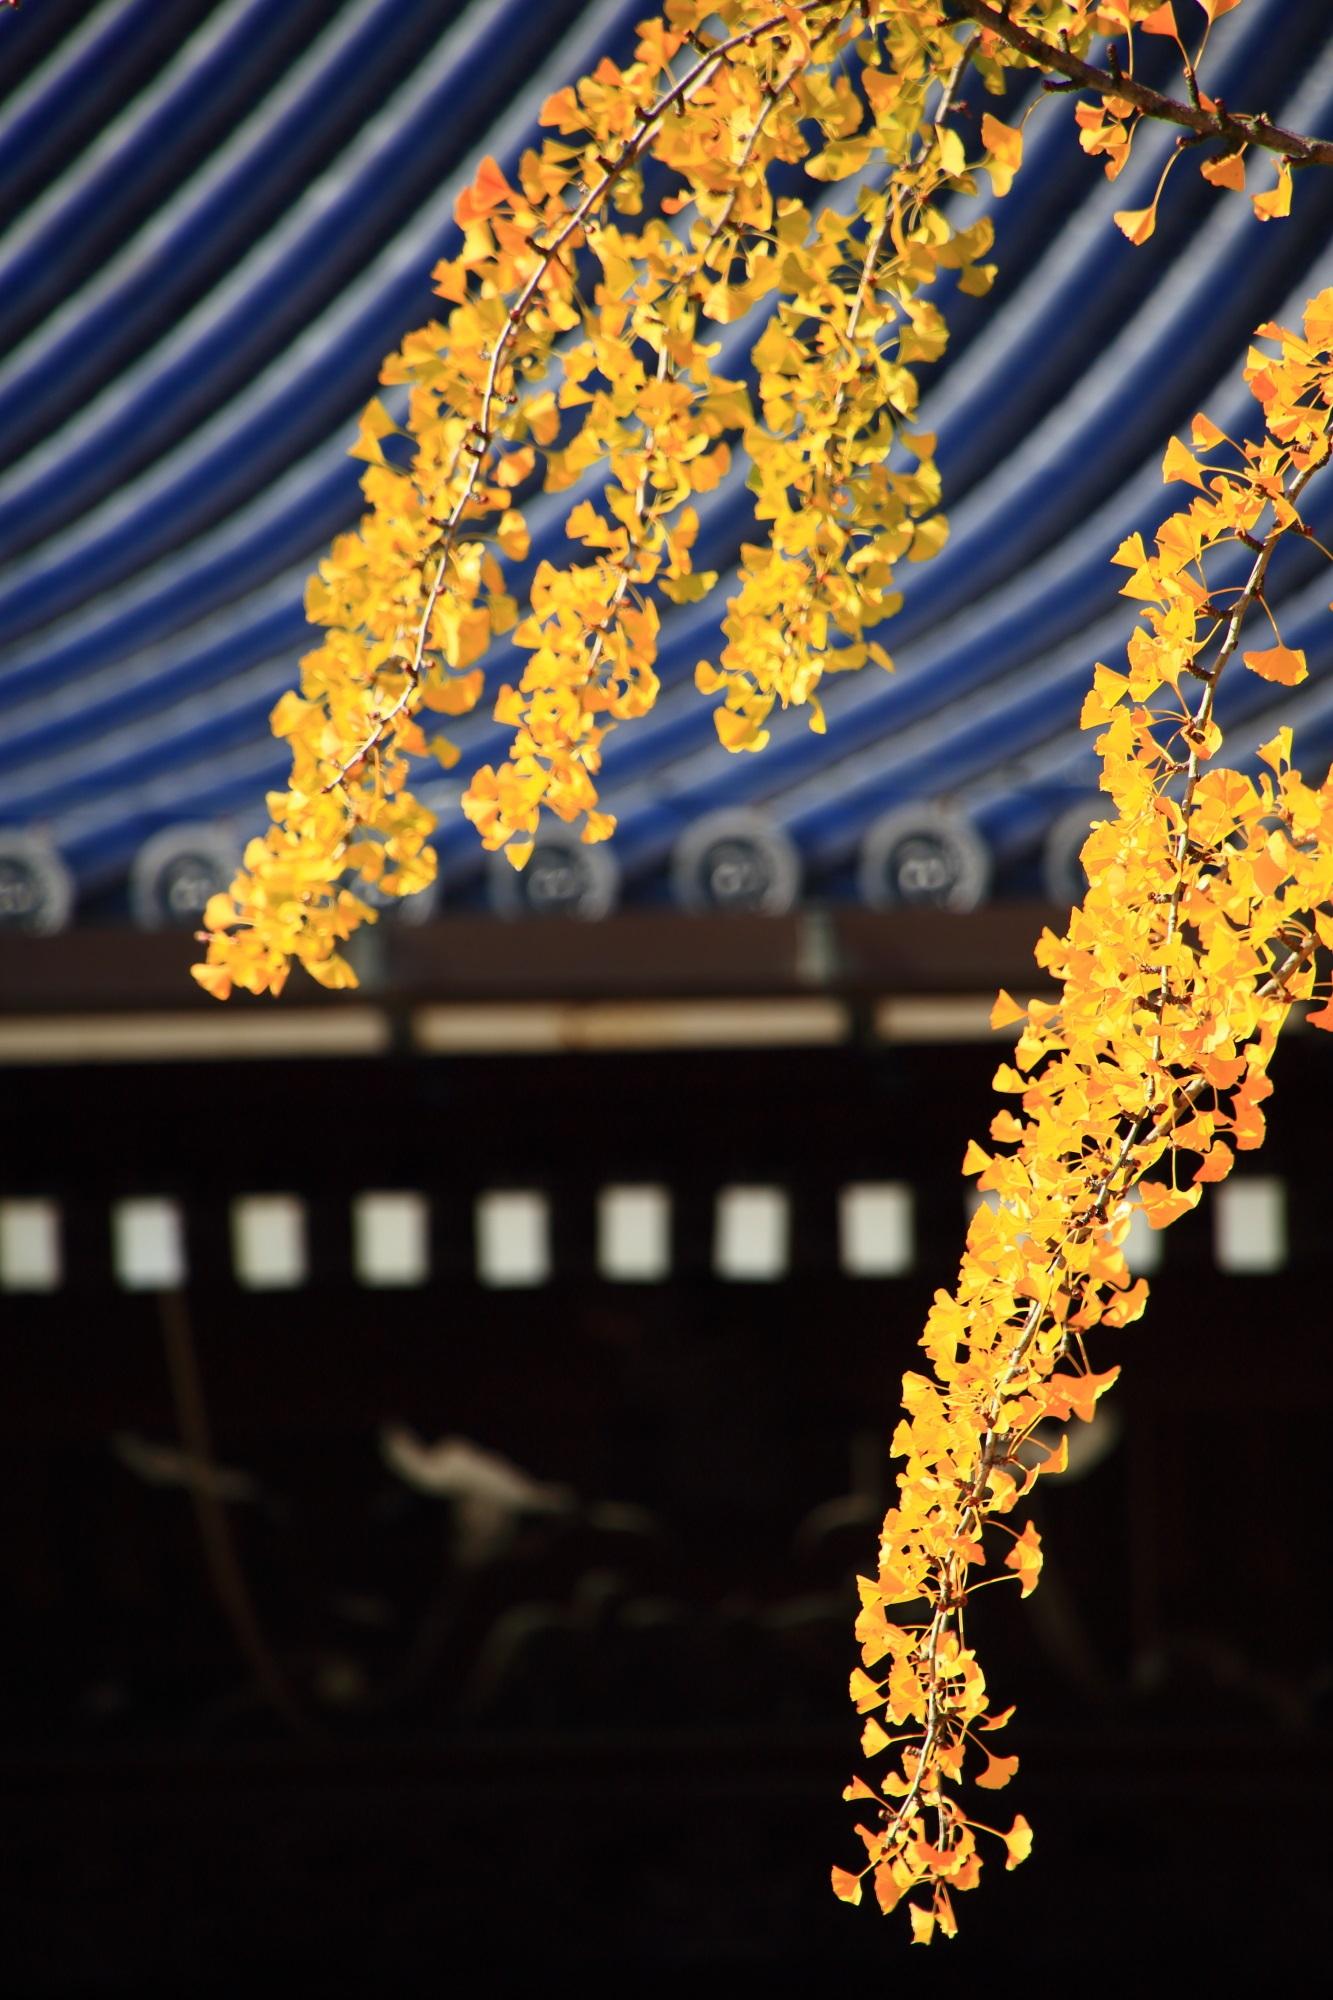 西本願寺の御影堂前の黄色い優雅な大銀杏